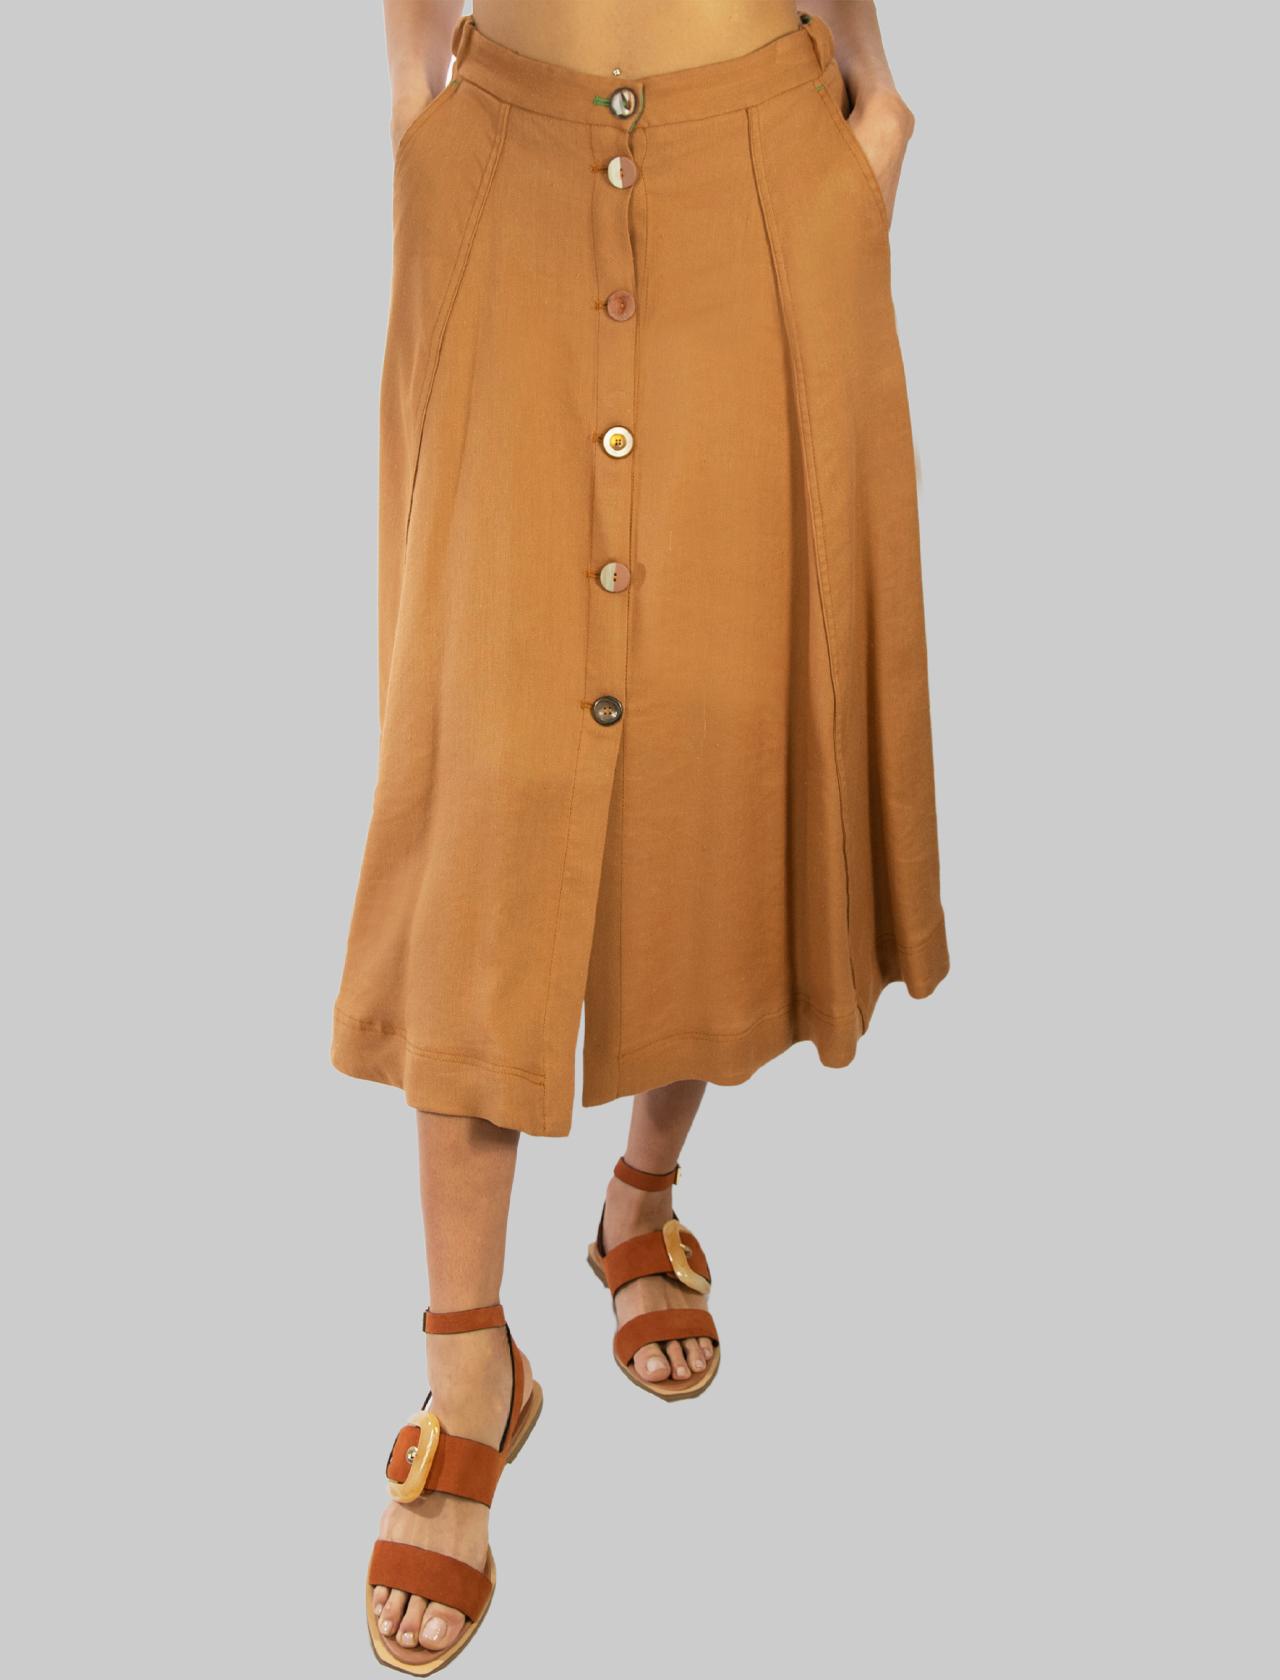 Abbigliamento Donna Gonna Lunga Diagonal Linen con Bottoni Gioiello in Ocra Maliparmi | Gonne e Pantaloni | JG36224007812021